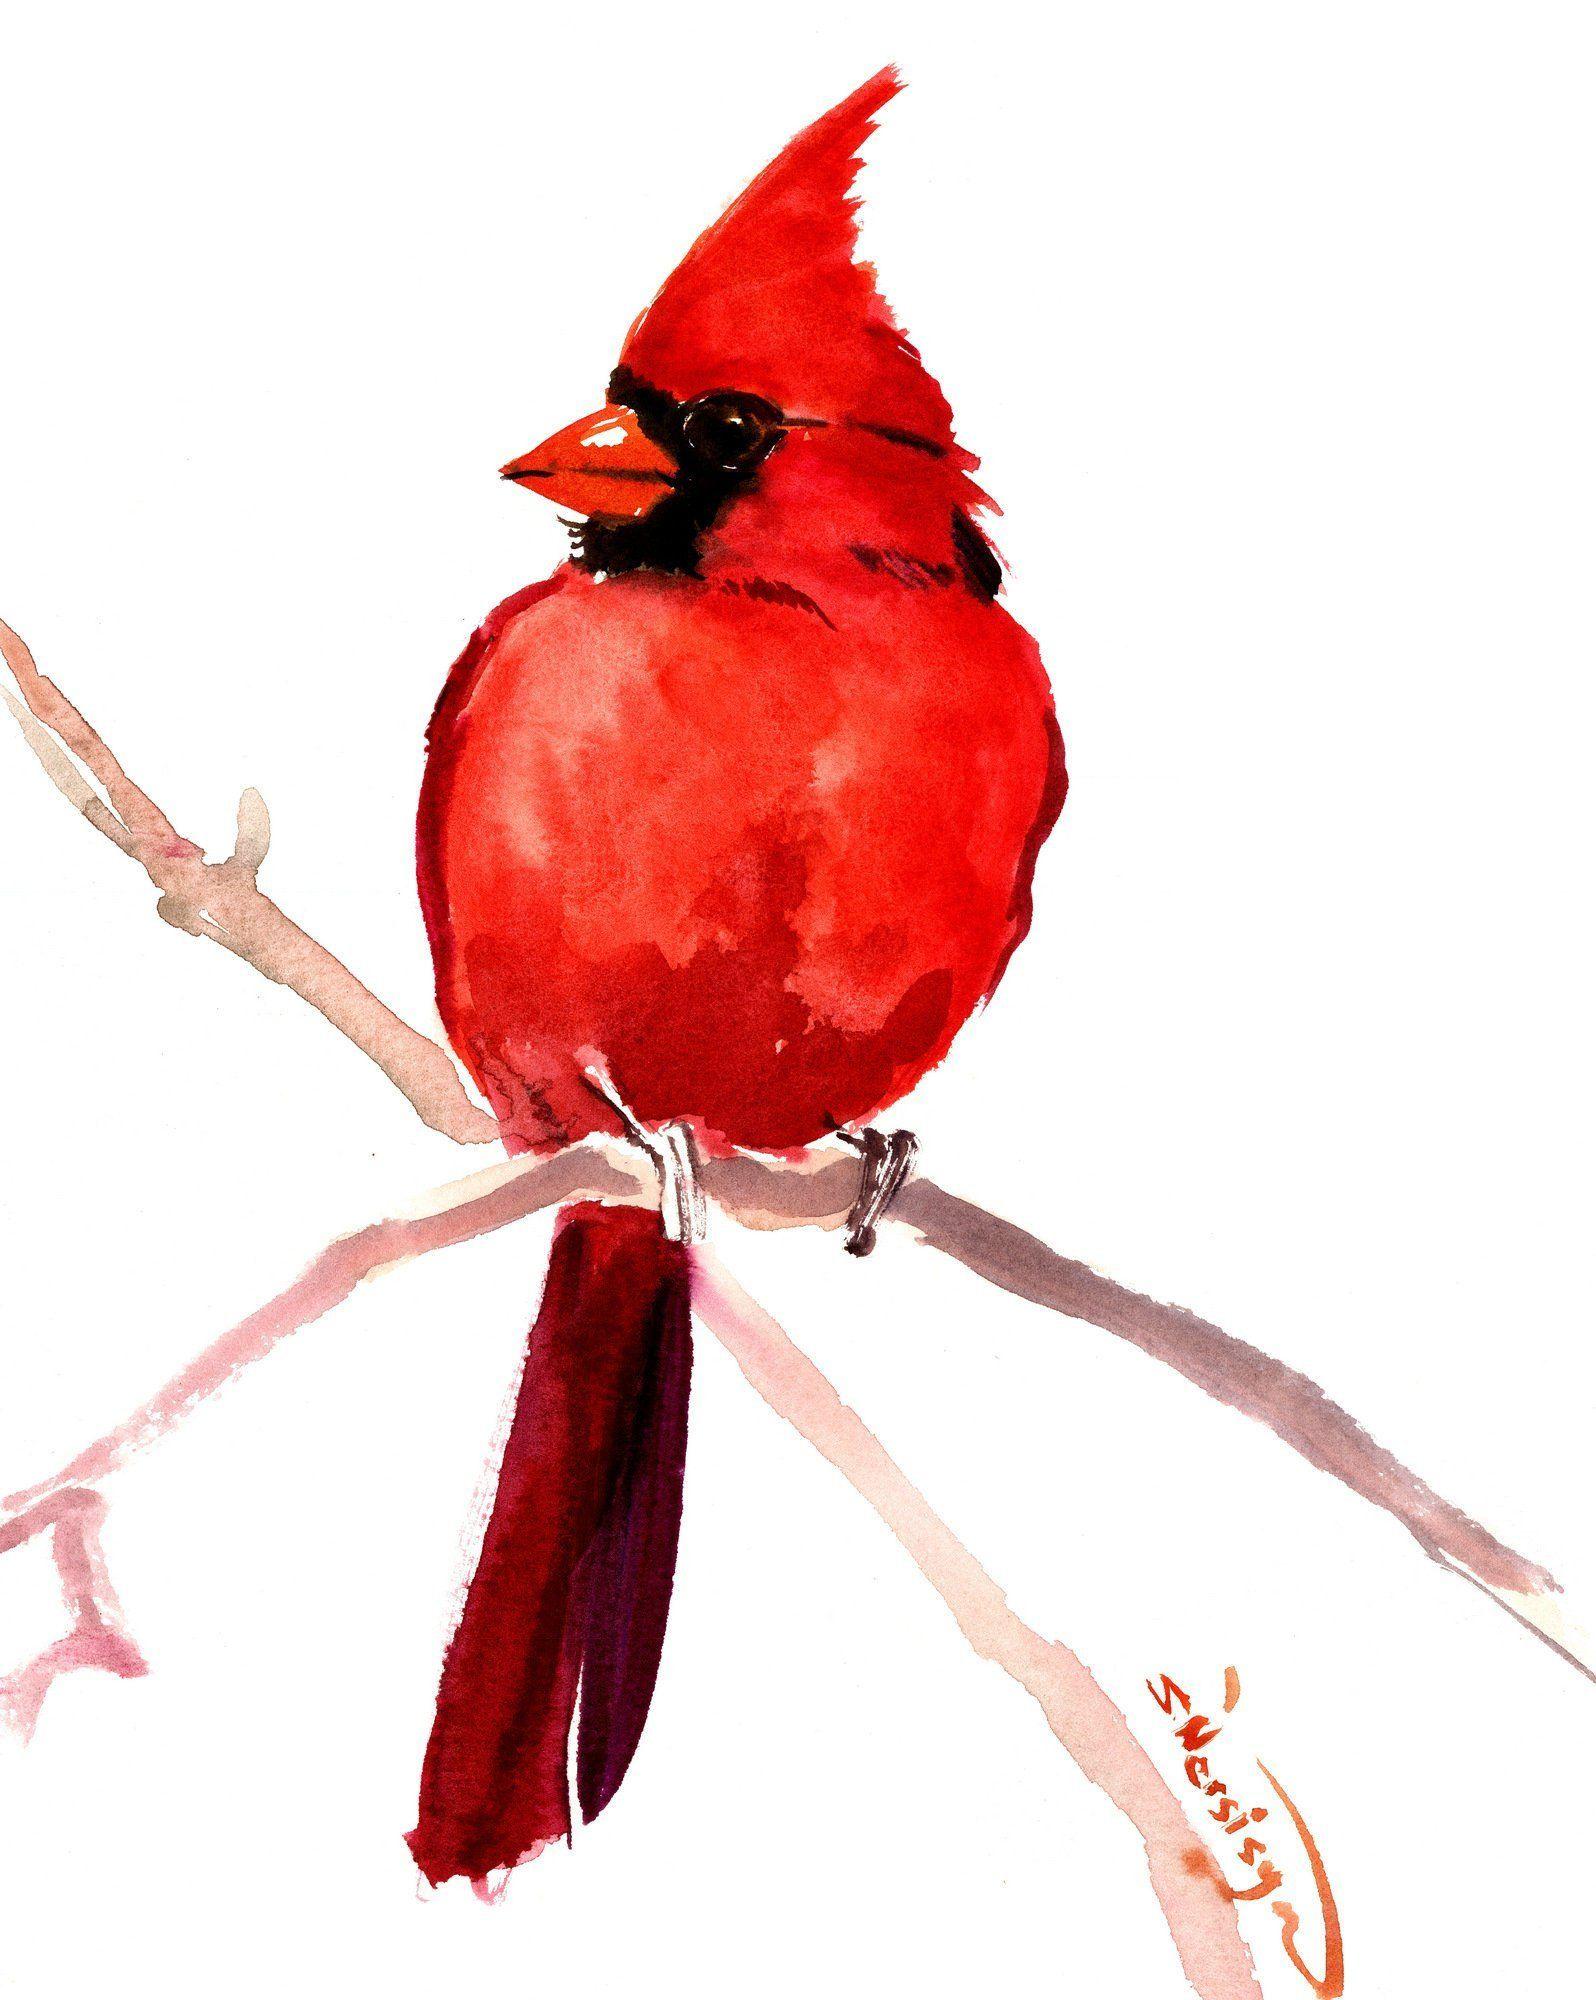 Cardinal Bird Artwork Original Painting Watercolor Birds Red